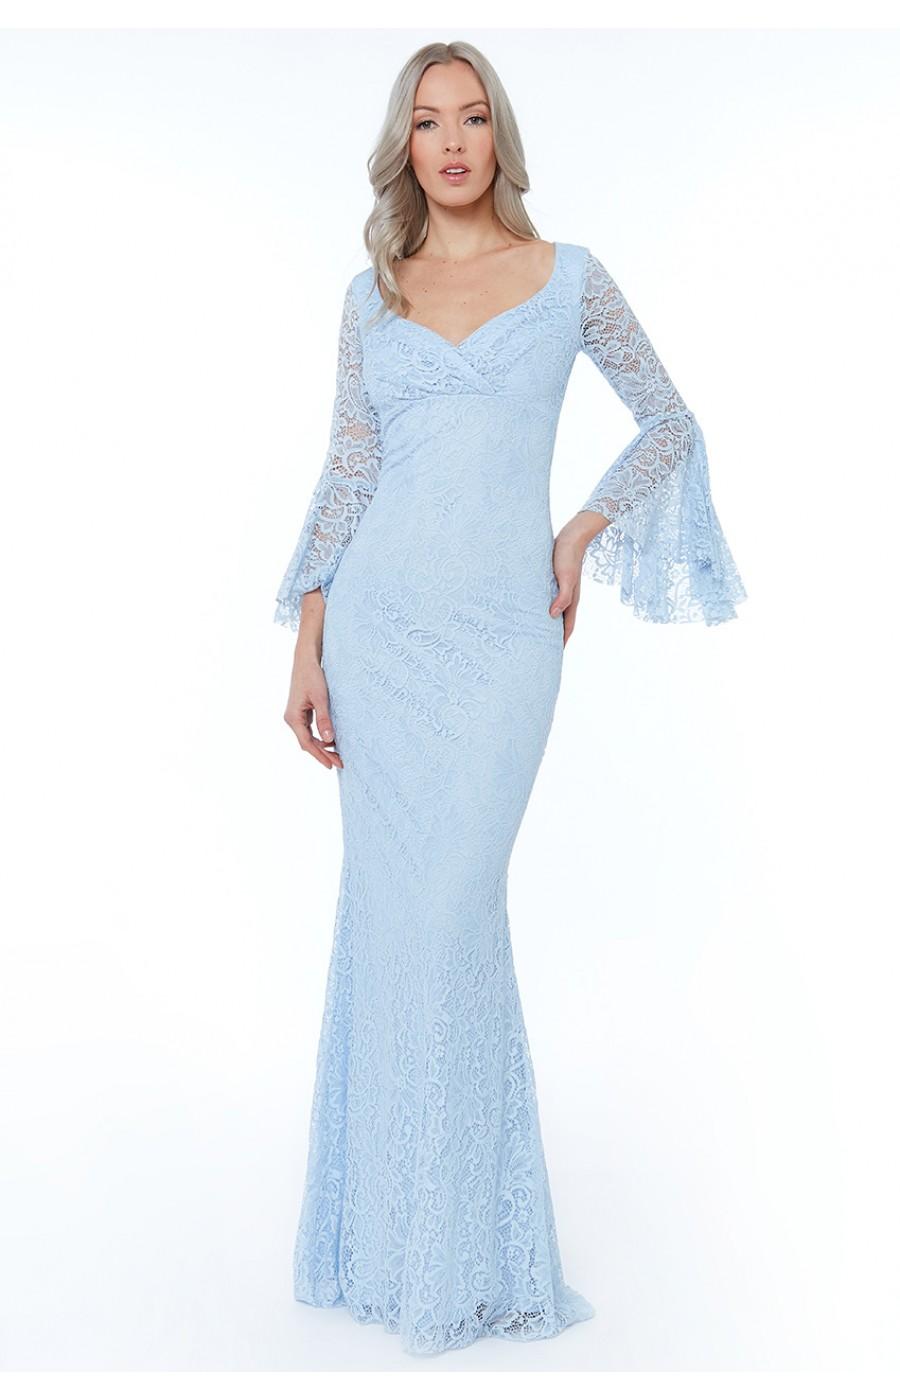 Ρομαντικό γαλάζιο φόρεμα όλο δαντέλα